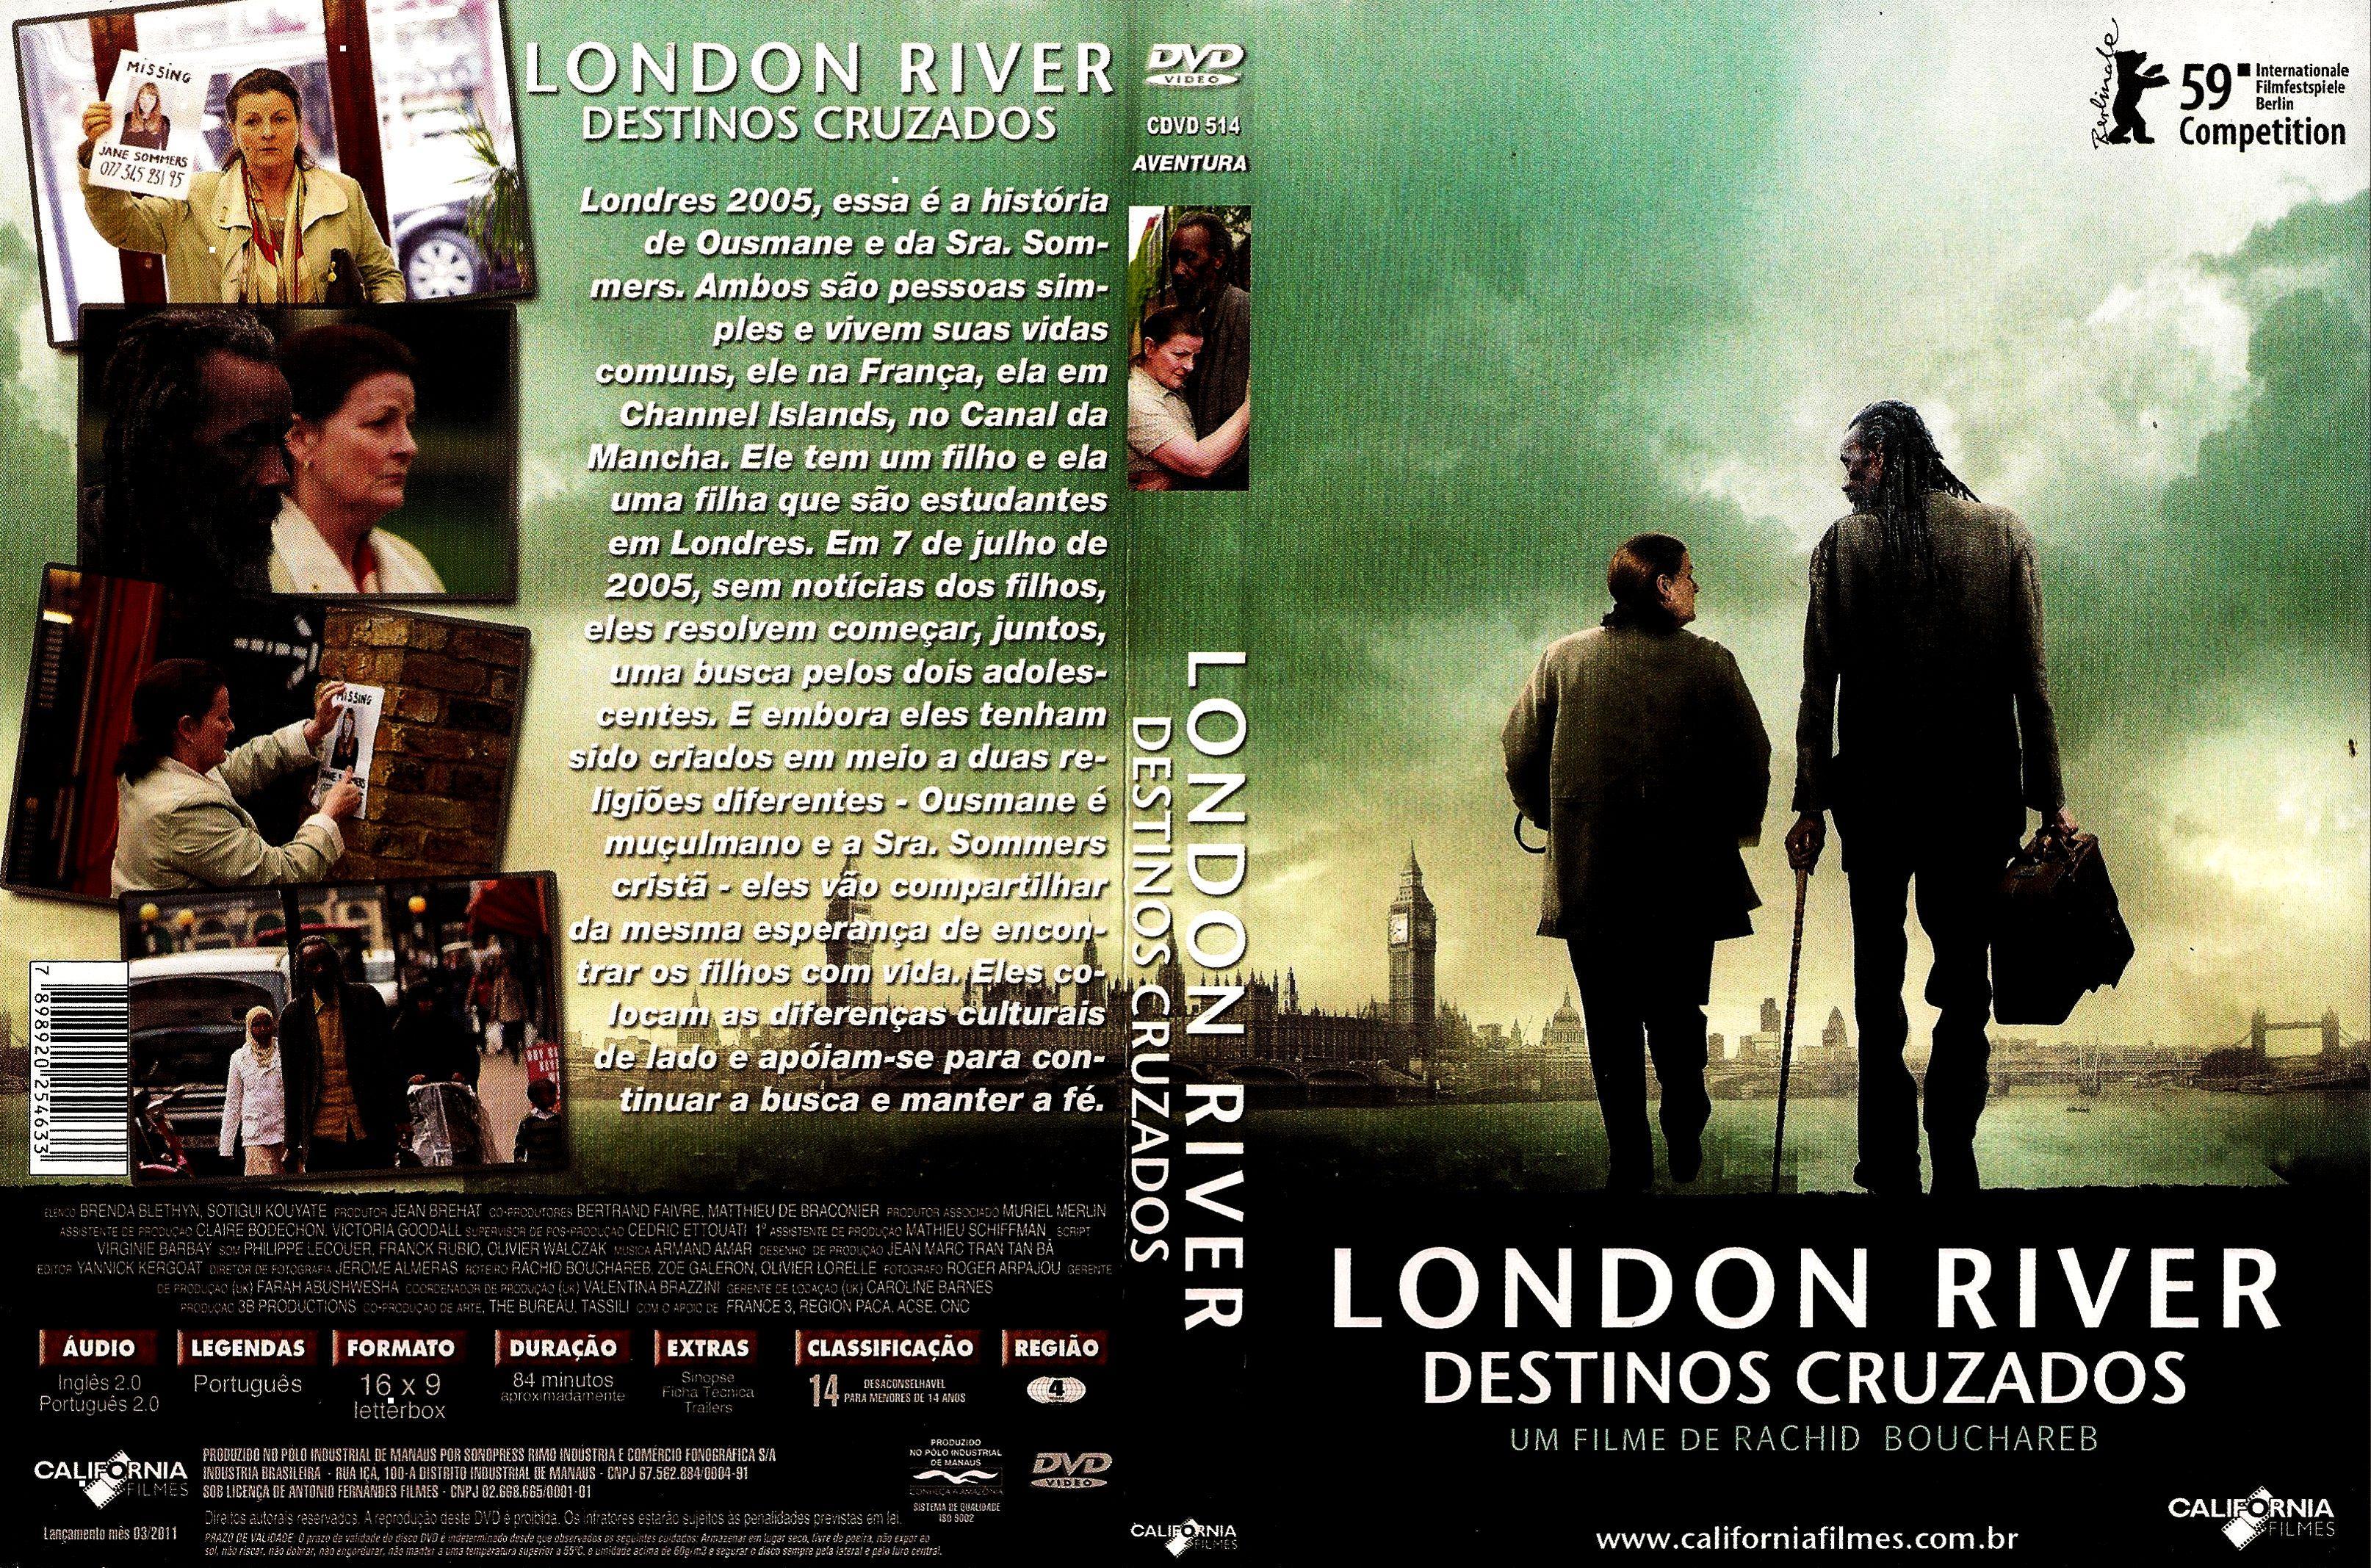 LondonRiverDestinosCruzados